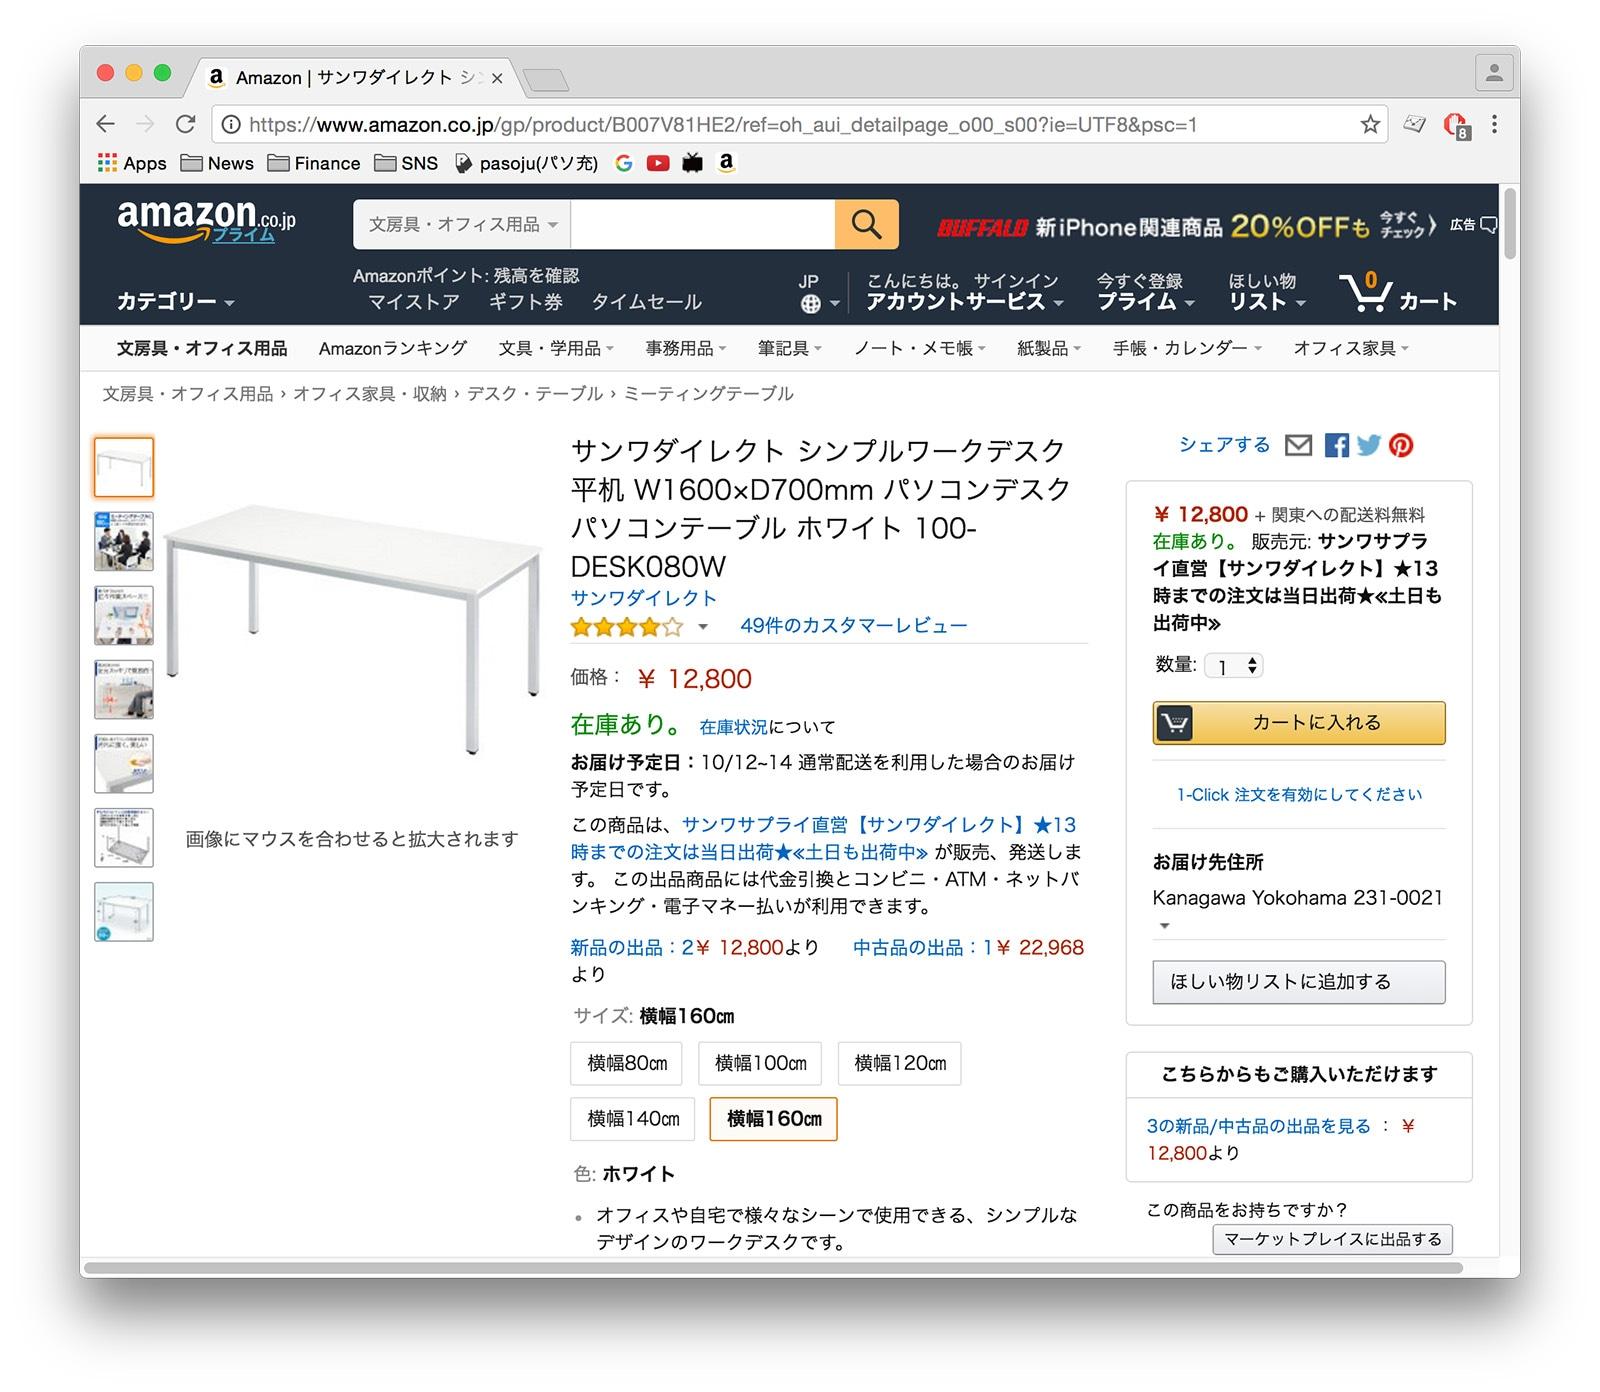 サンワサプライ パソコンデスク 100-DESK080W Amazon商品ページ